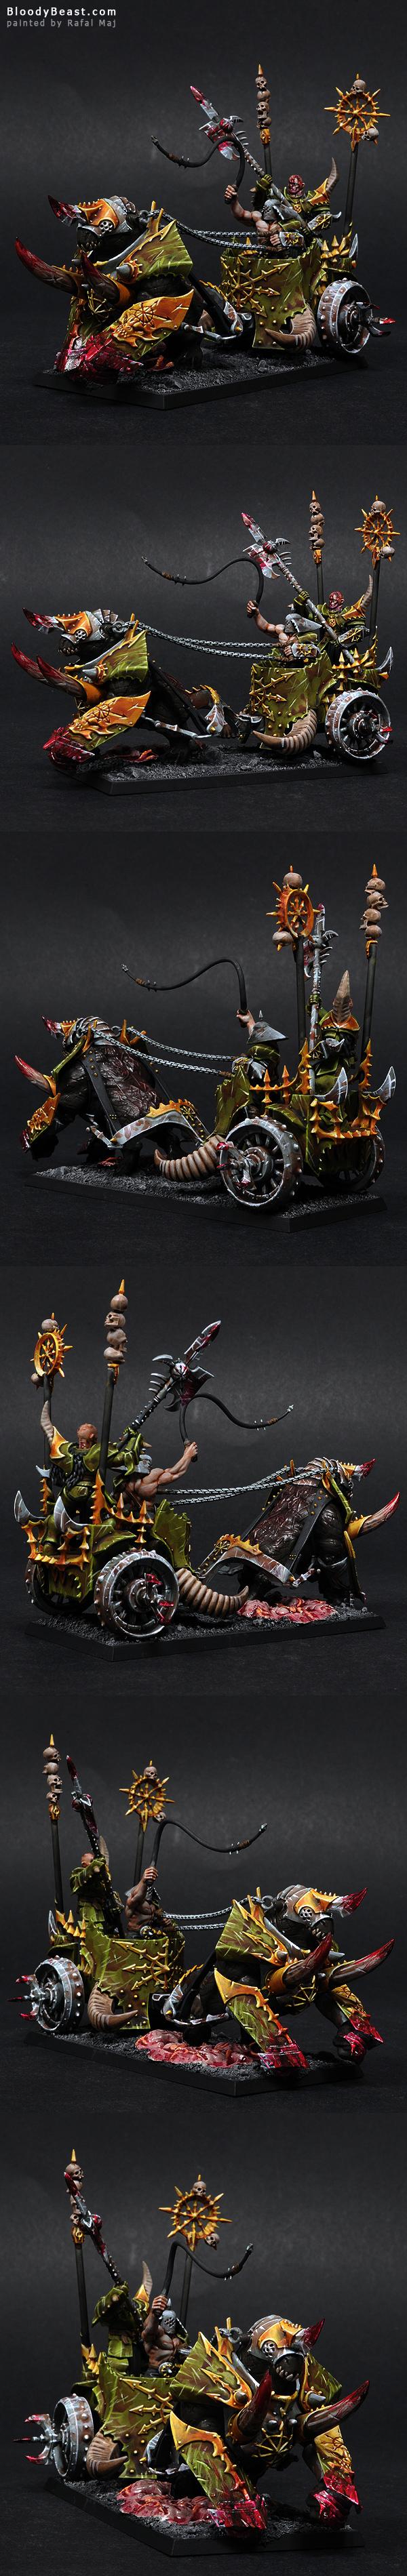 Gorebeast Chariot of Nurgle painted by Rafal Maj (BloodyBeast.com)